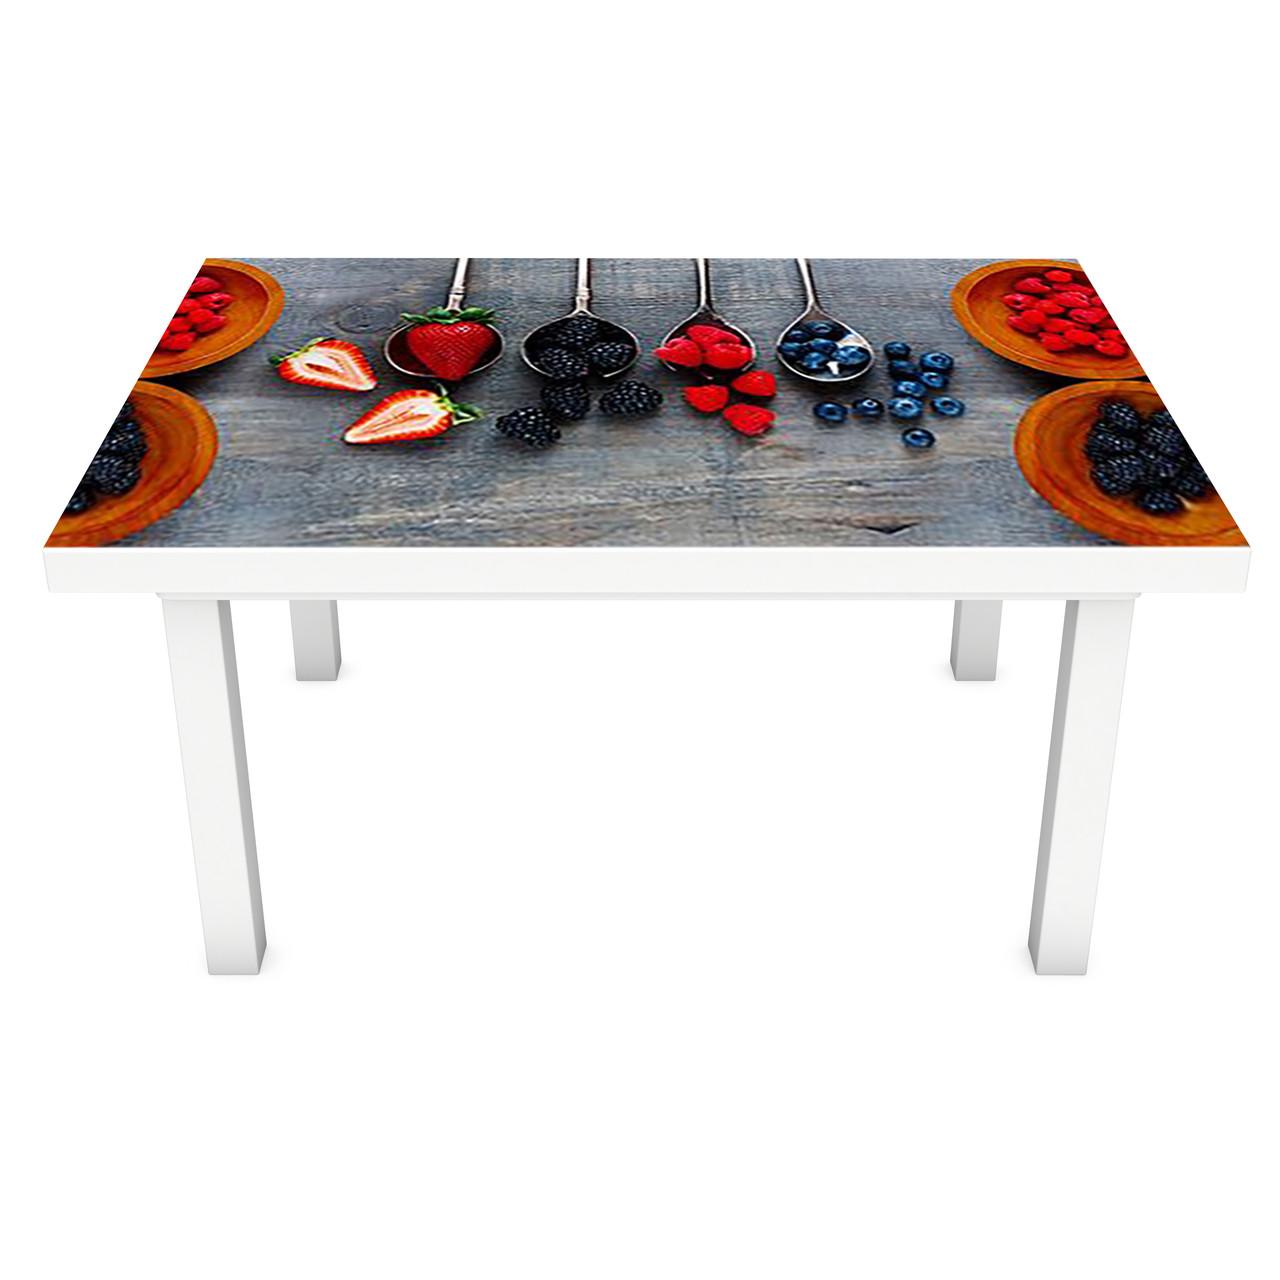 Виниловая наклейка на стол Лесные ягоды (интерьерная ПВХ пленка для мебели) натюрморт клубника черника Серый 600*1200 мм